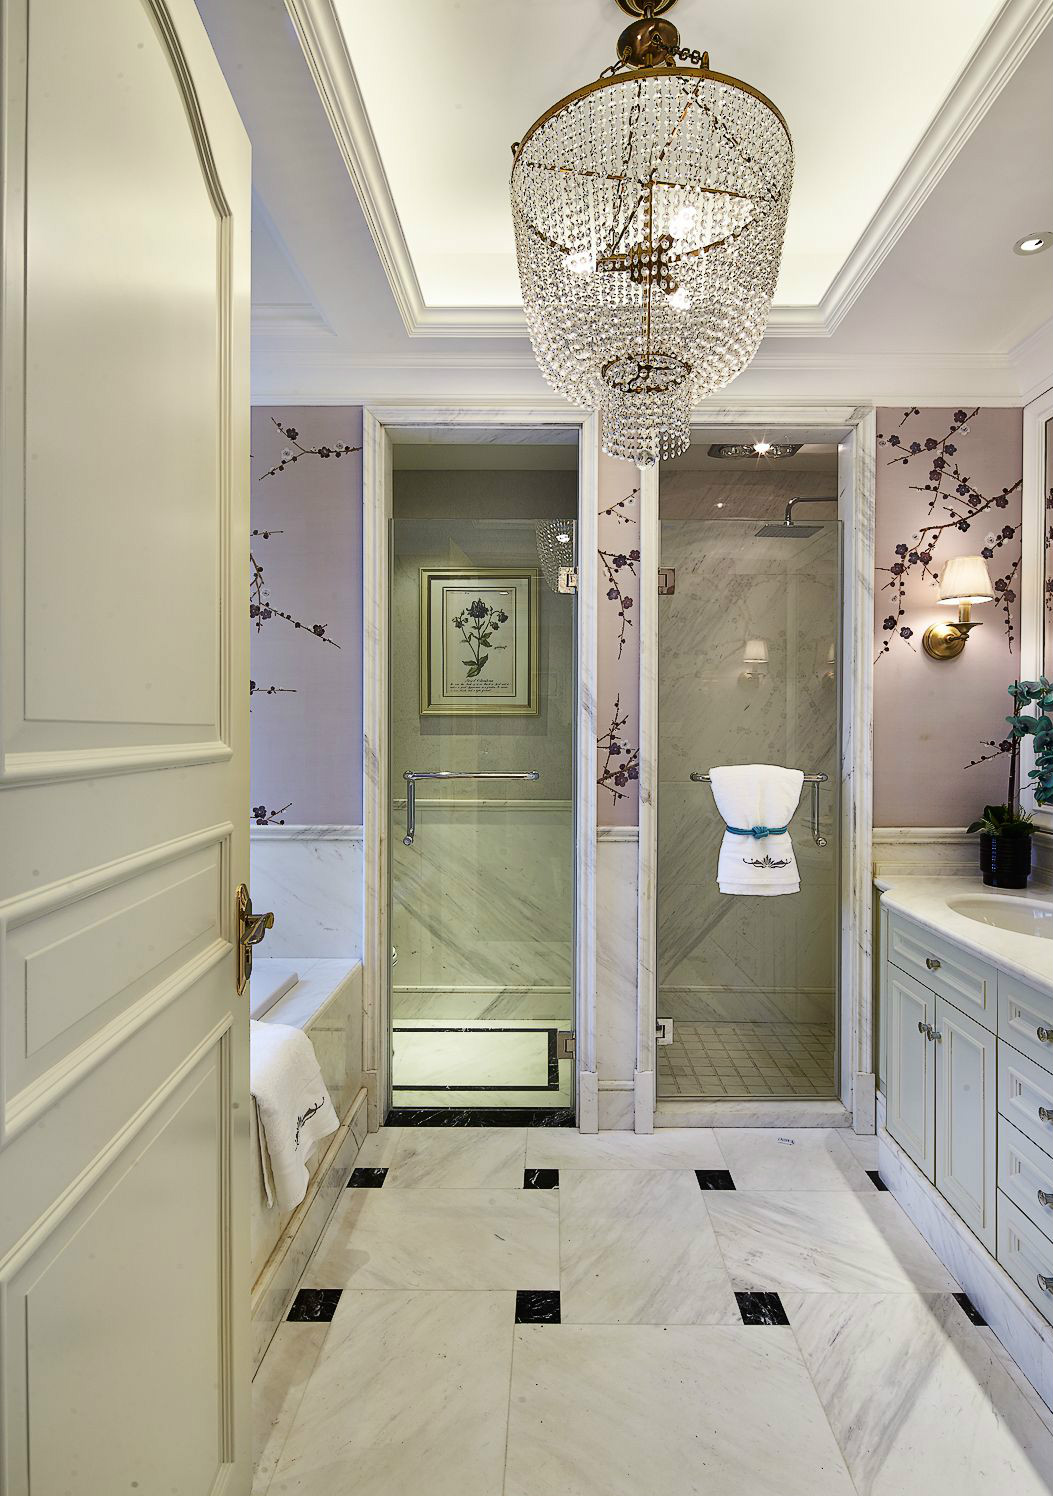 衛生間做了腰線設計,凸顯空間層次感;在白凈靚麗的環境中融入梅花,藝術氣息撲面而來。